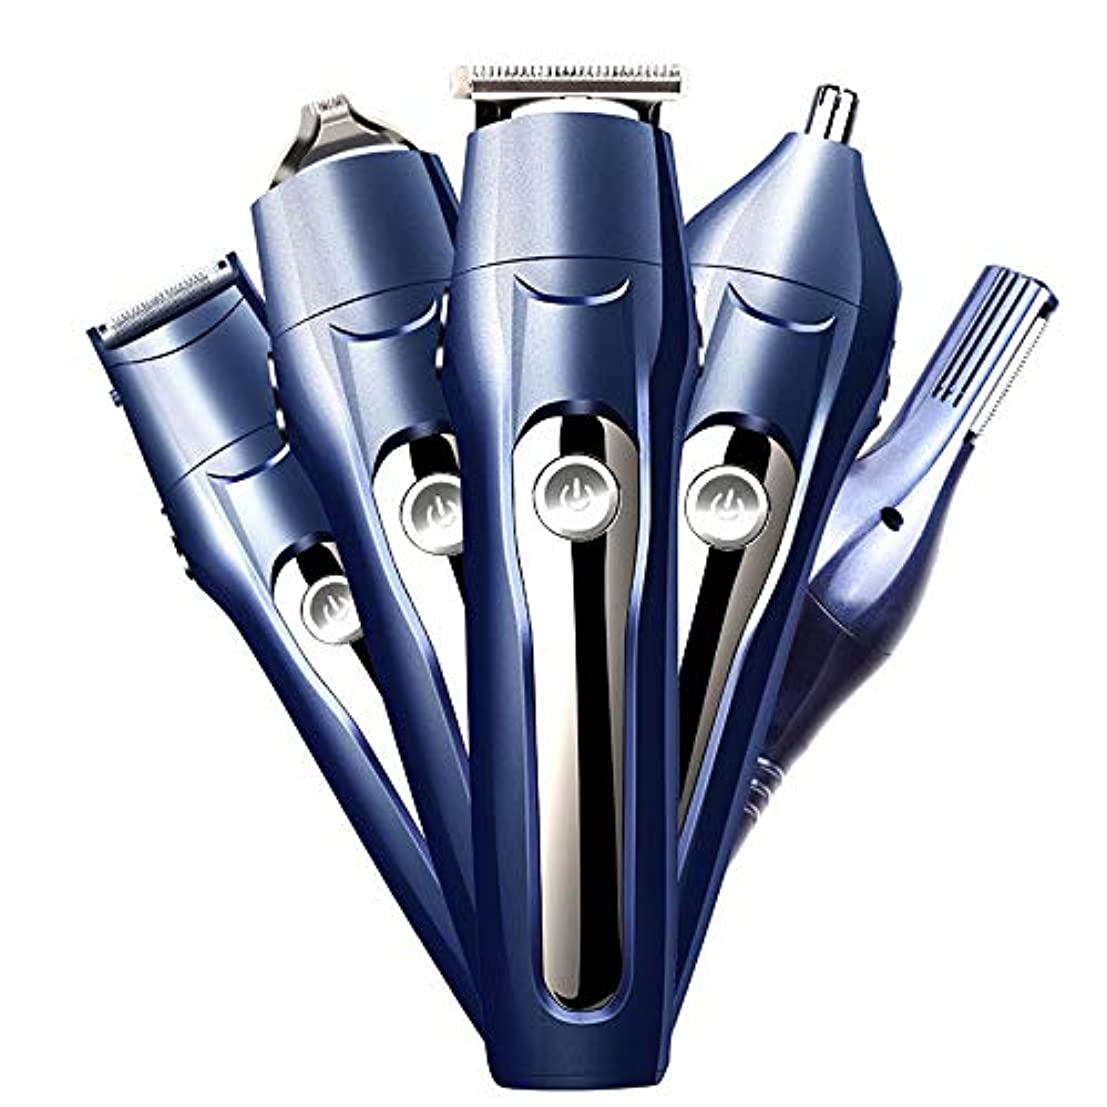 統治する君主火山の鼻毛カッター はなげカッター 5-IN-1ノーズトリマーアタッチメント付きマルチグルーミングキットのひげと髪 (Color : Blue, Size : US)